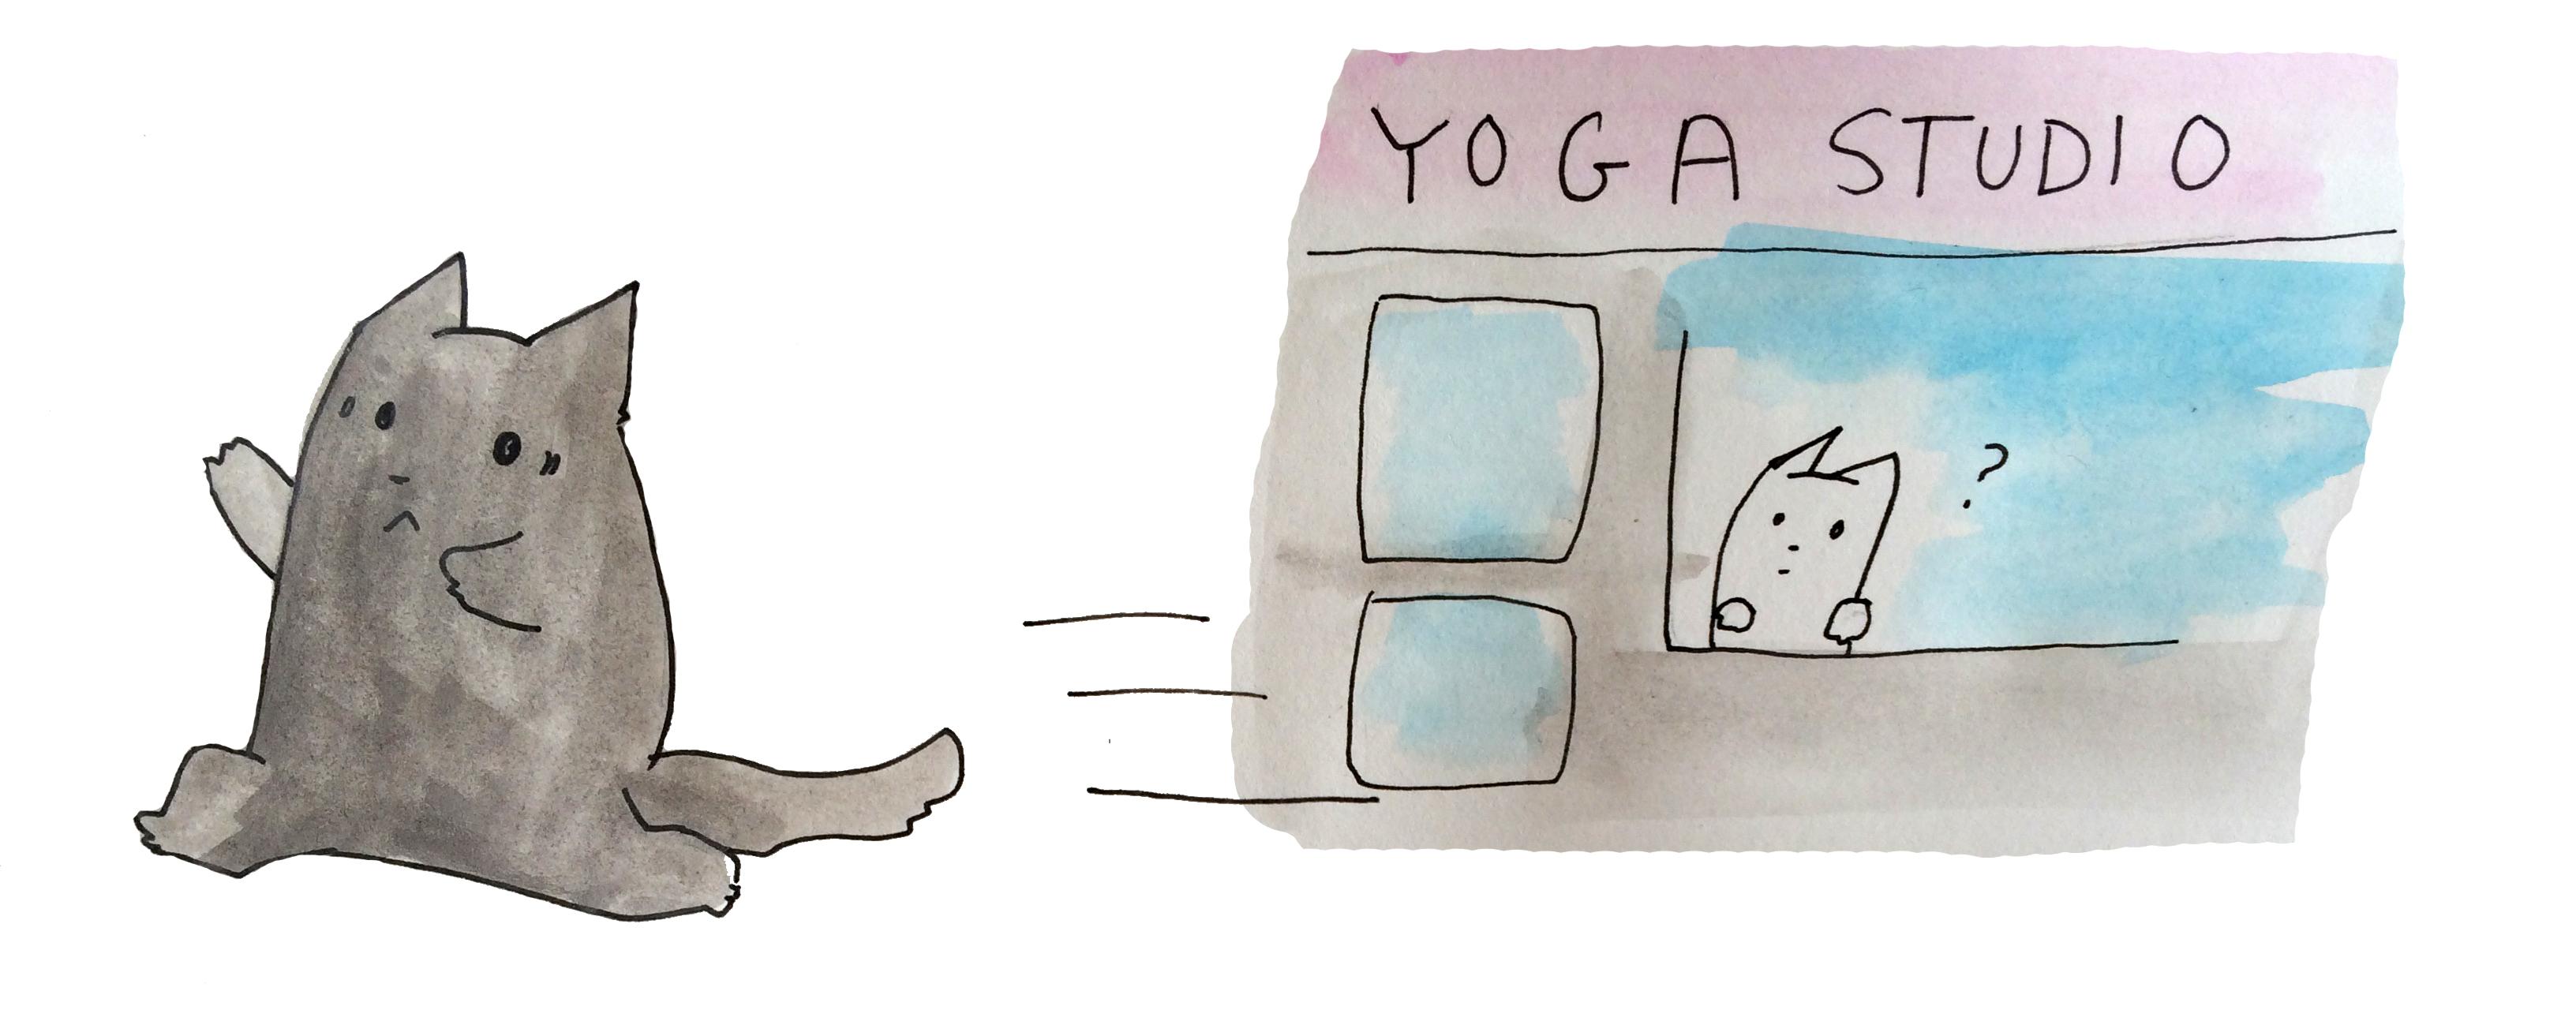 Yoga Cat Runs from Yoga Studio